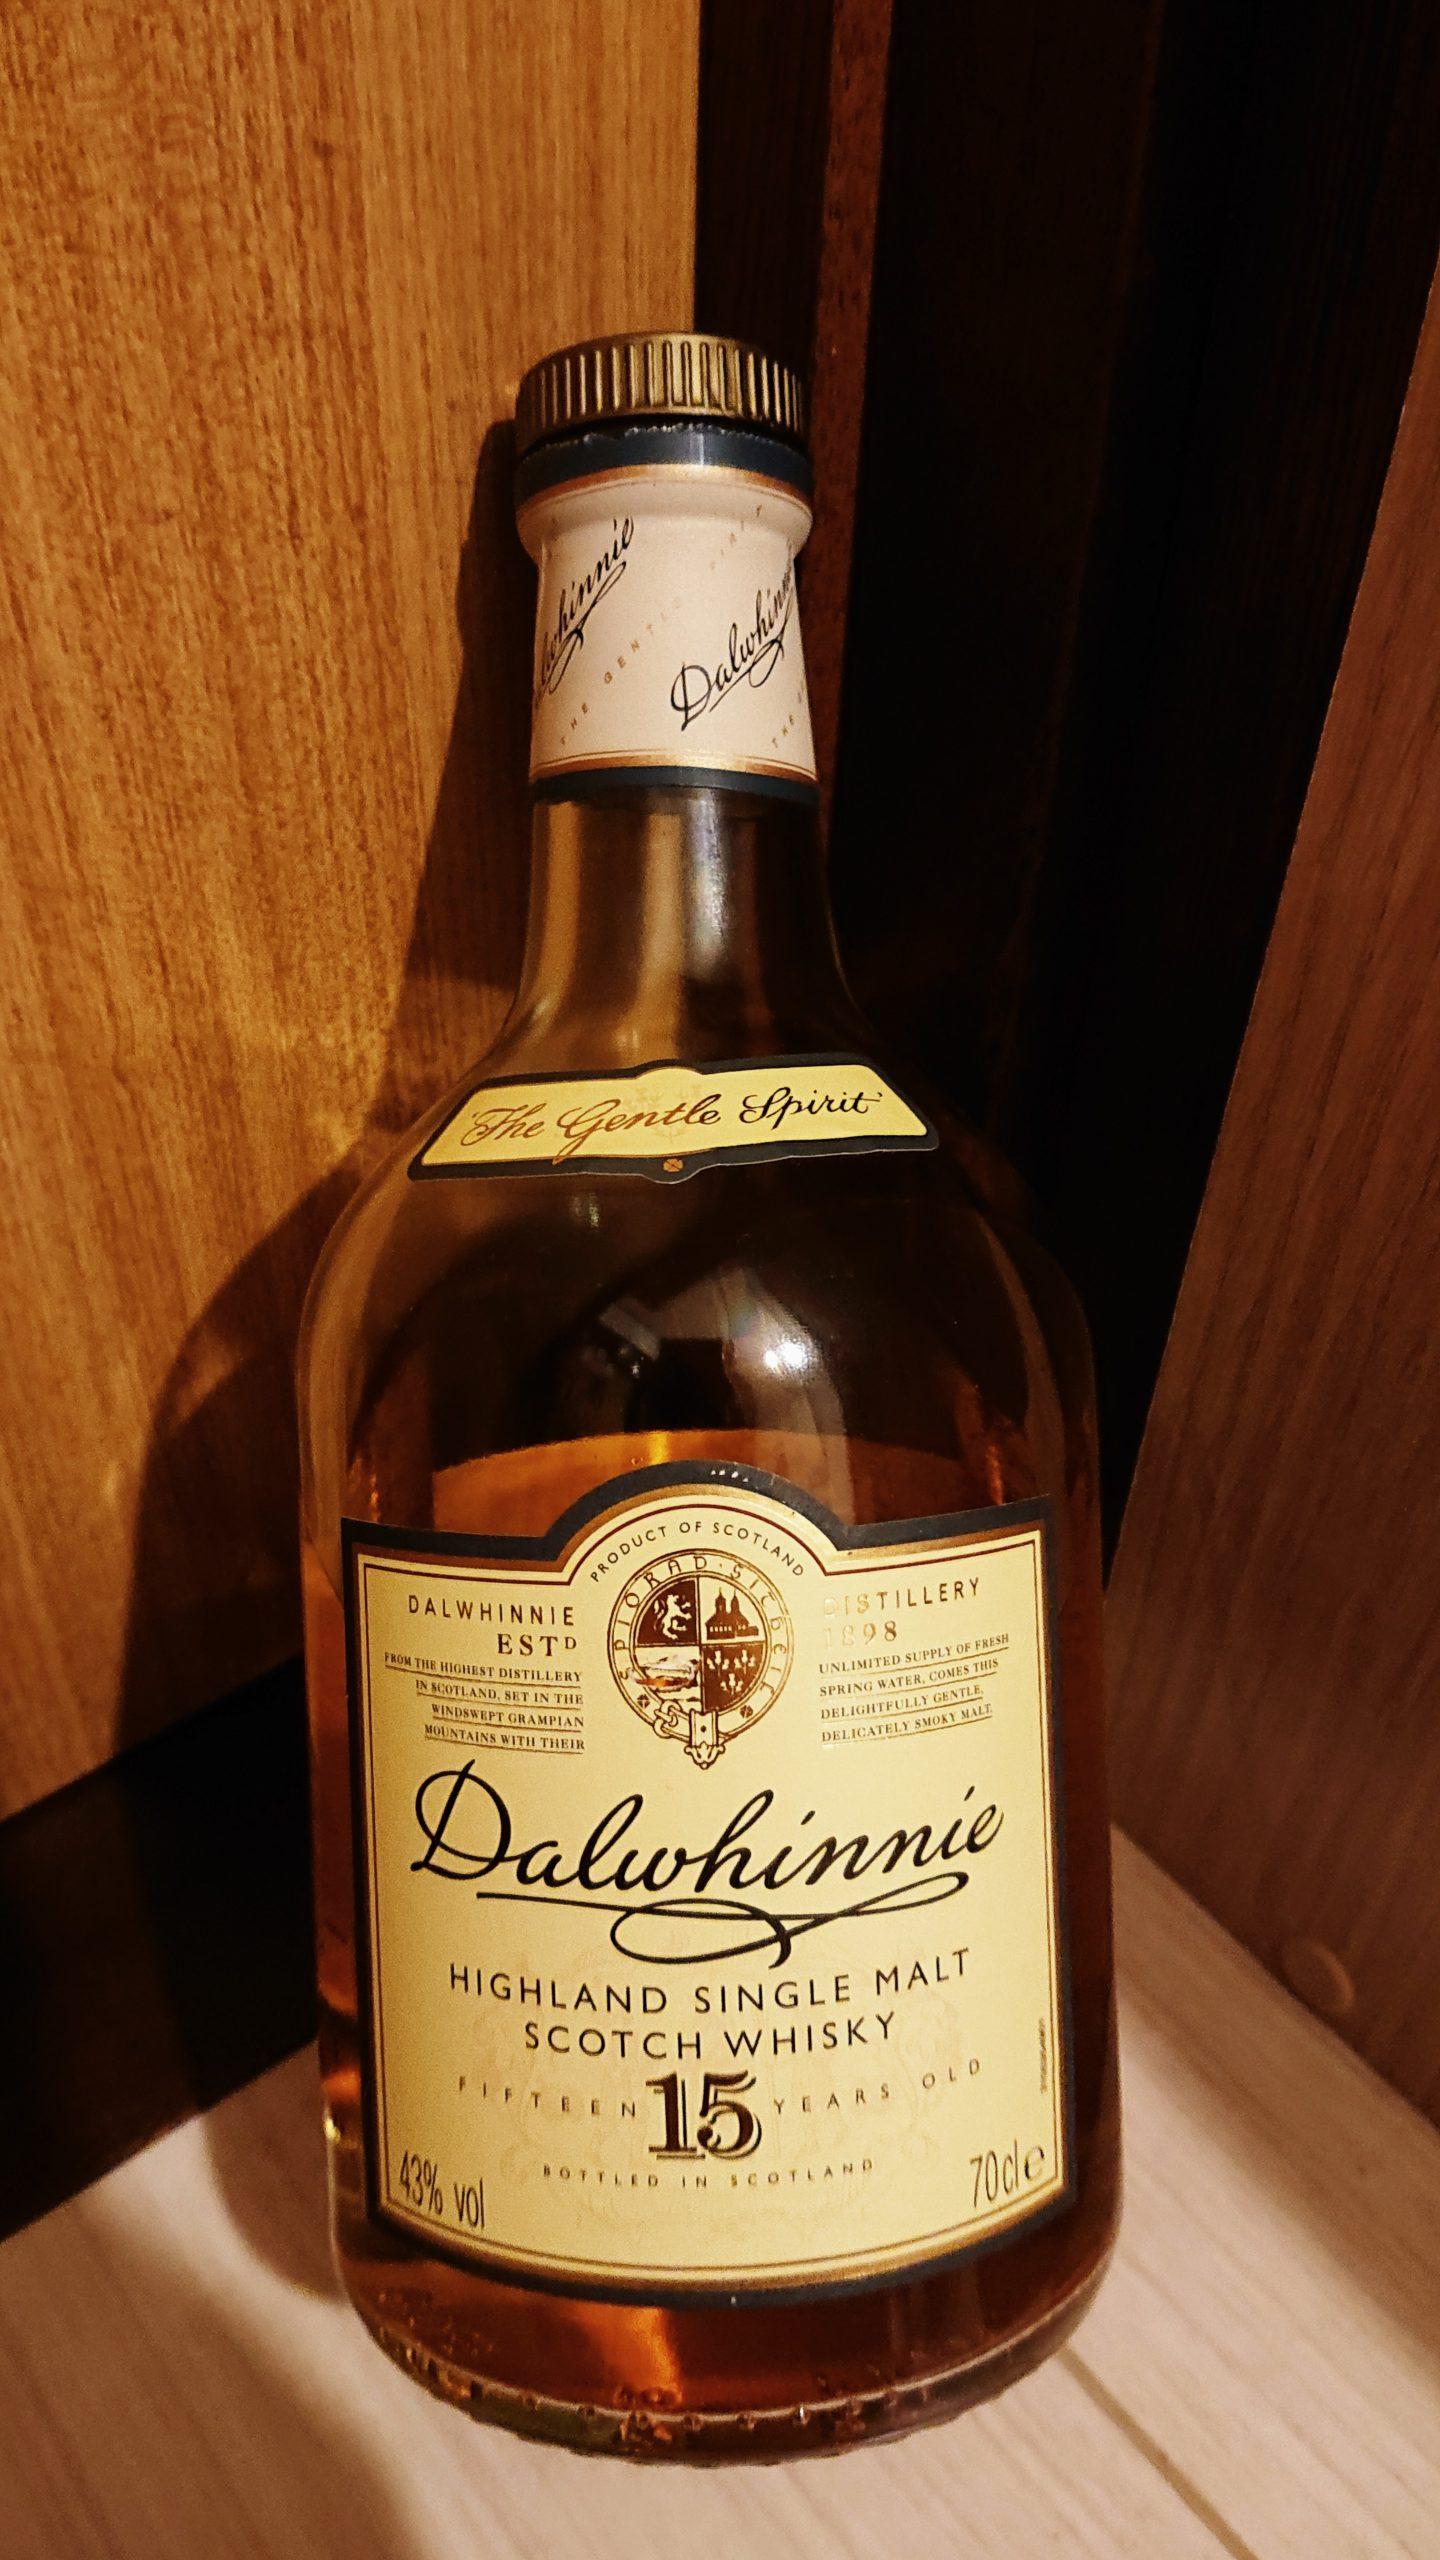 ダルウィニー15年のテイスティング・寒冷地の美酒。山岳地帯の花の香りと蜜の味